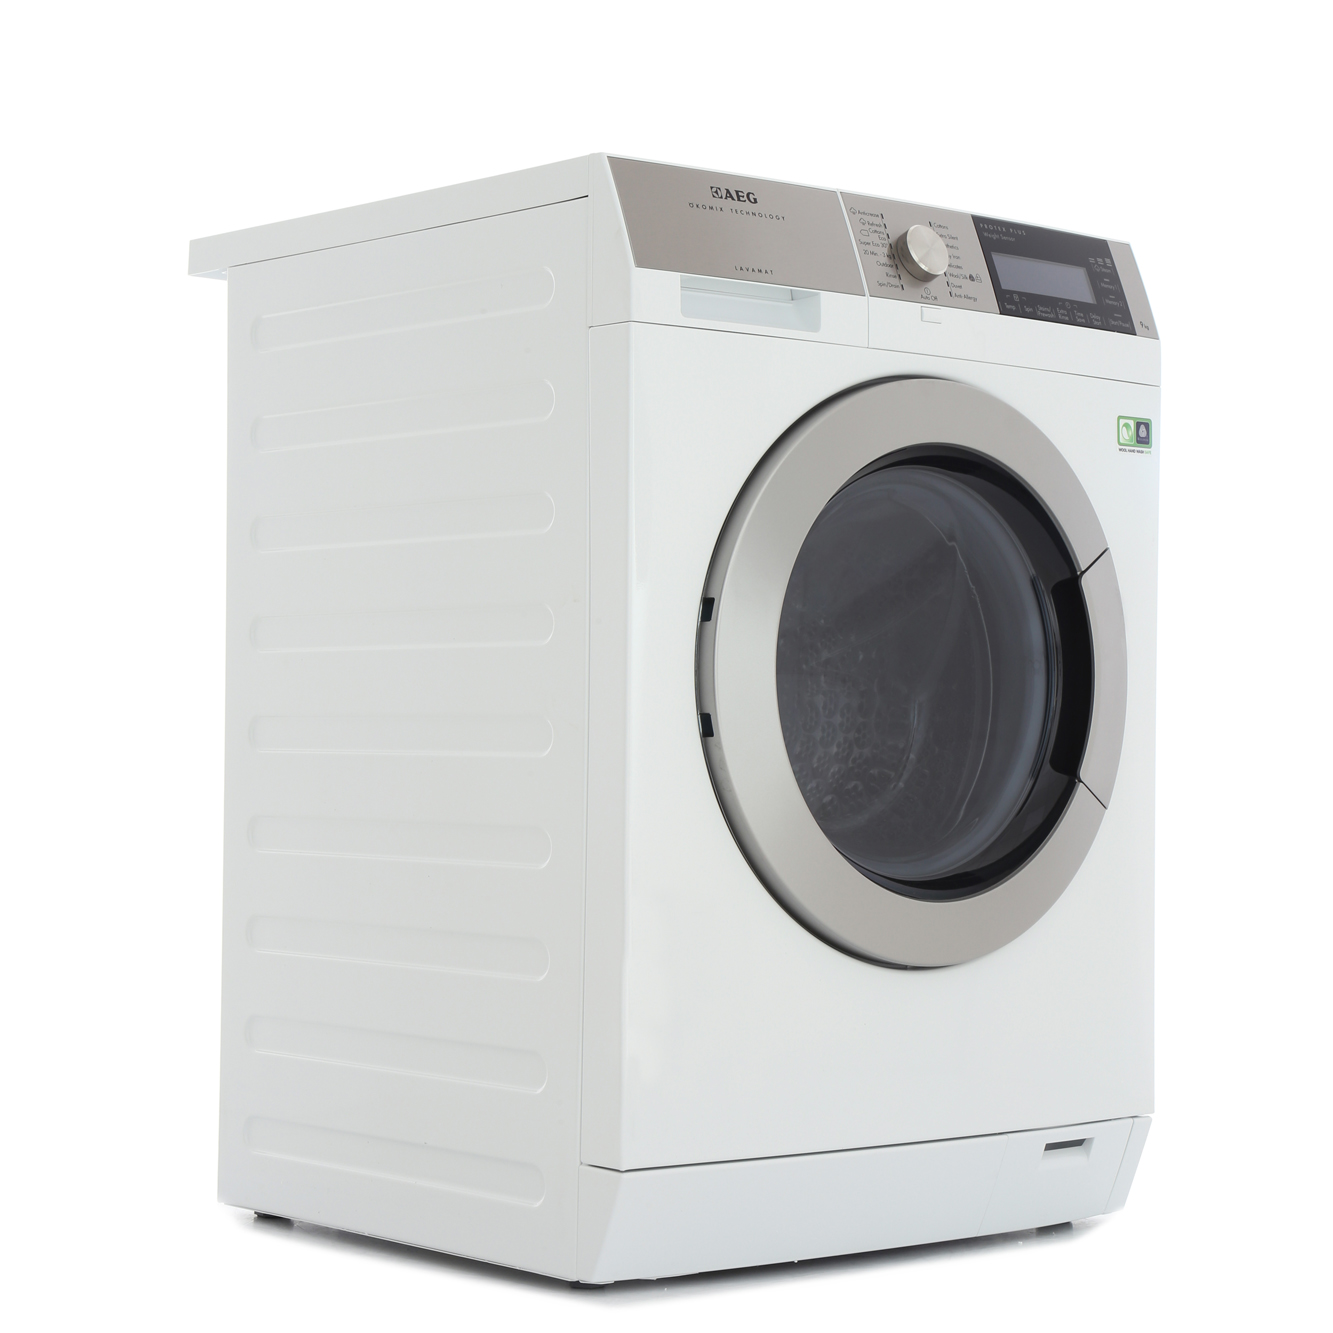 aeg washing machine reviews